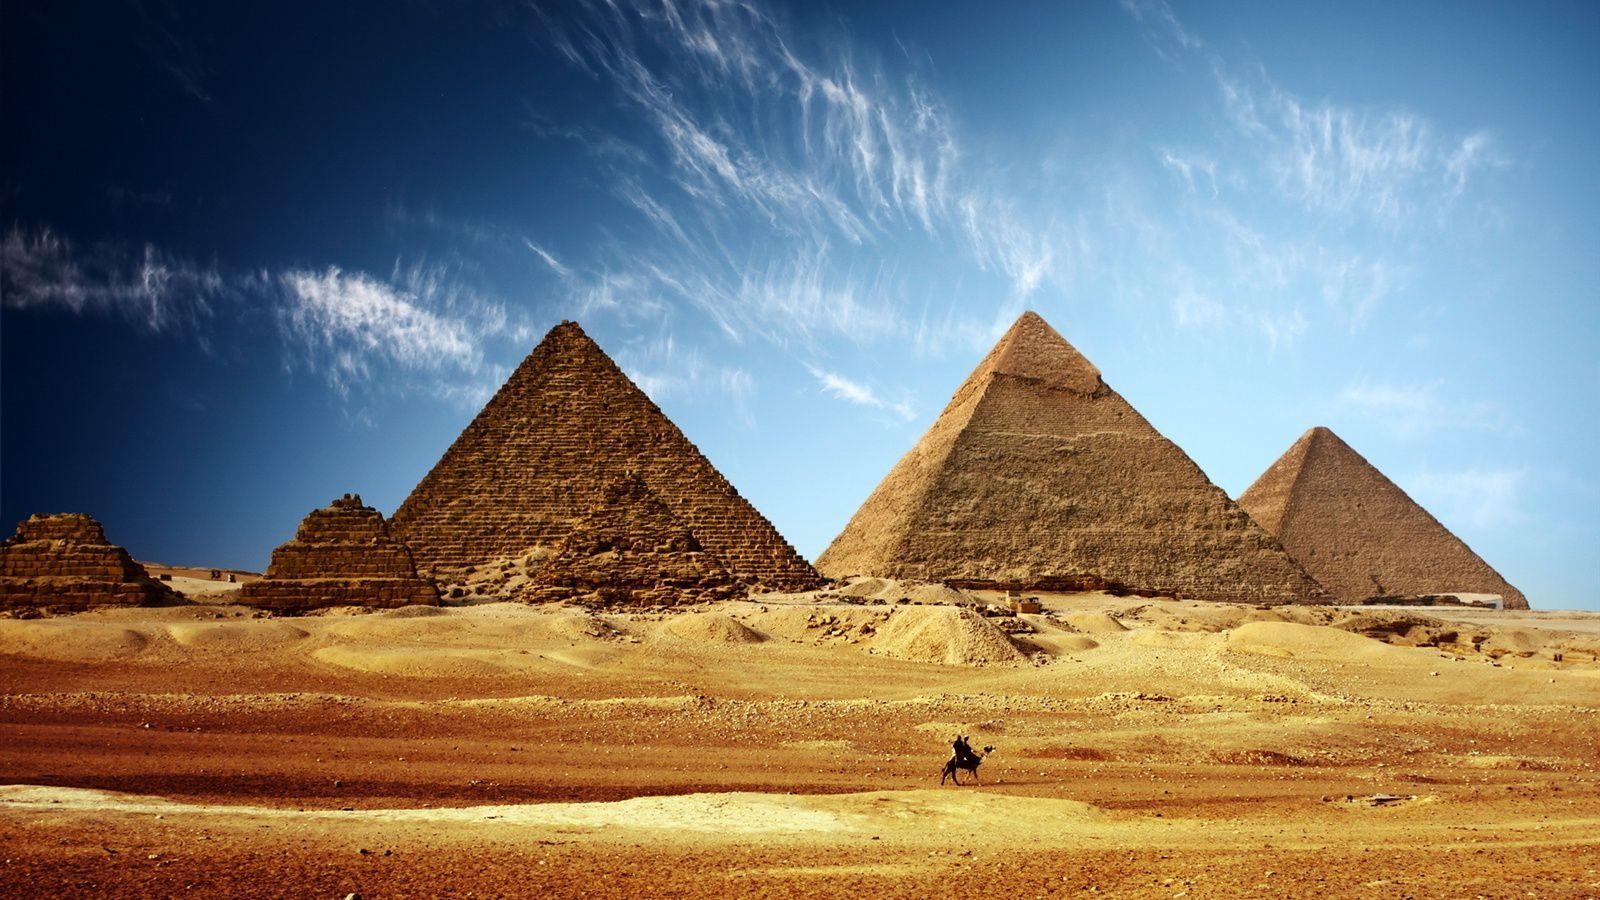 1 ) Sur la Place Vendome. 2 ) Le Taj Mahal, la perle Blanche de l'Inde. 3 ) Les Pyramides d'Egypte.